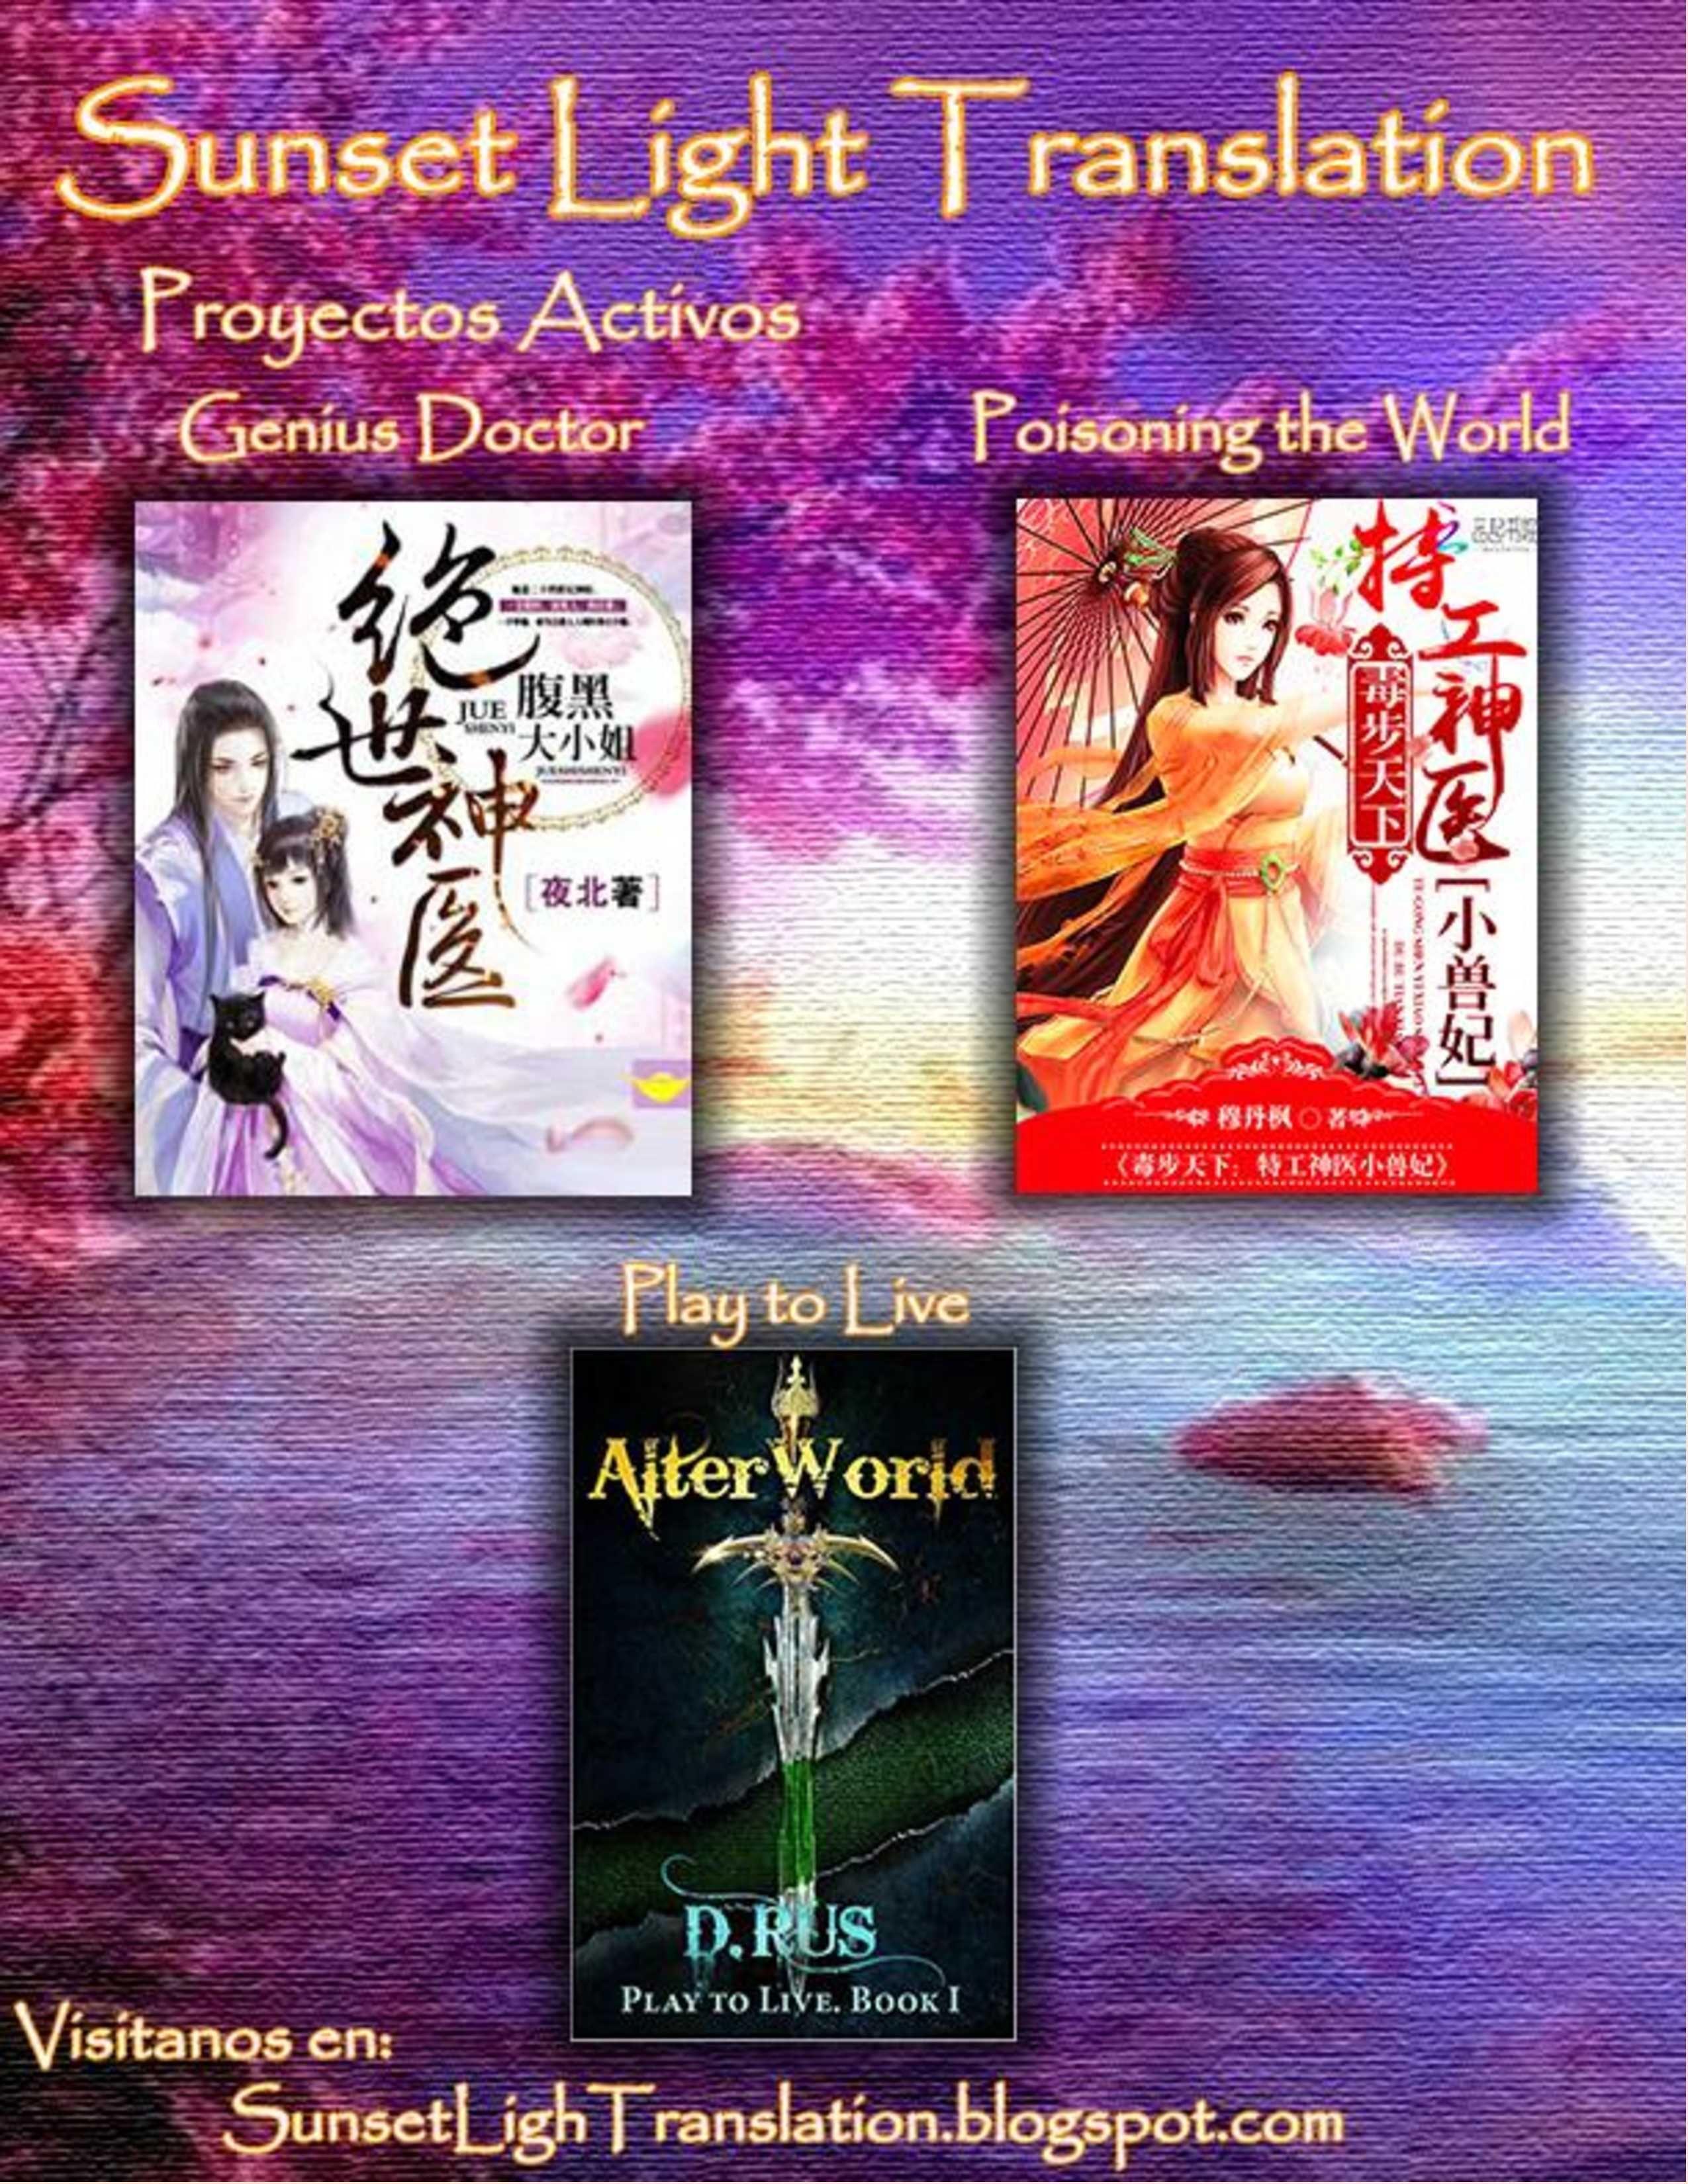 https://c5.ninemanga.com/es_manga/pic2/1/20097/494663/bfc2a1f38ad85cab0ad9fbb5e57b466f.jpg Page 1